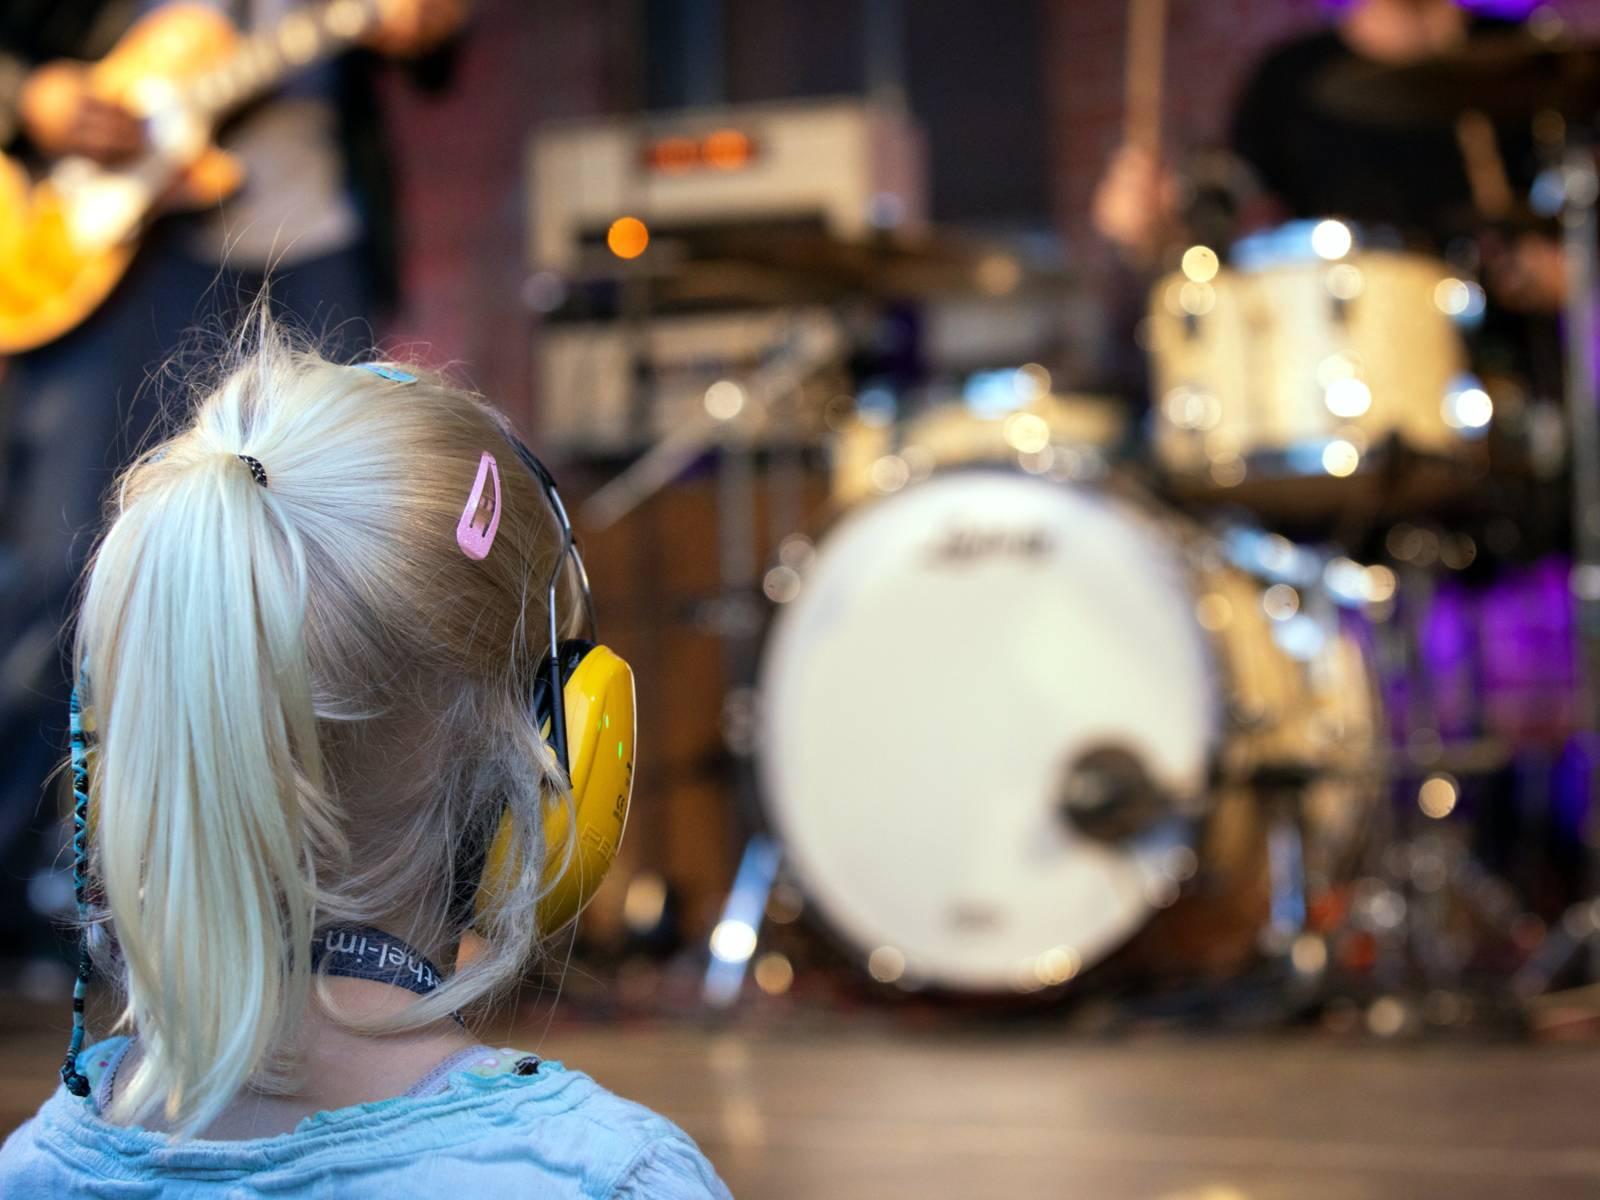 Ein Kind trägt Gehörschutz und schaut sich ein Live-Konzert an.